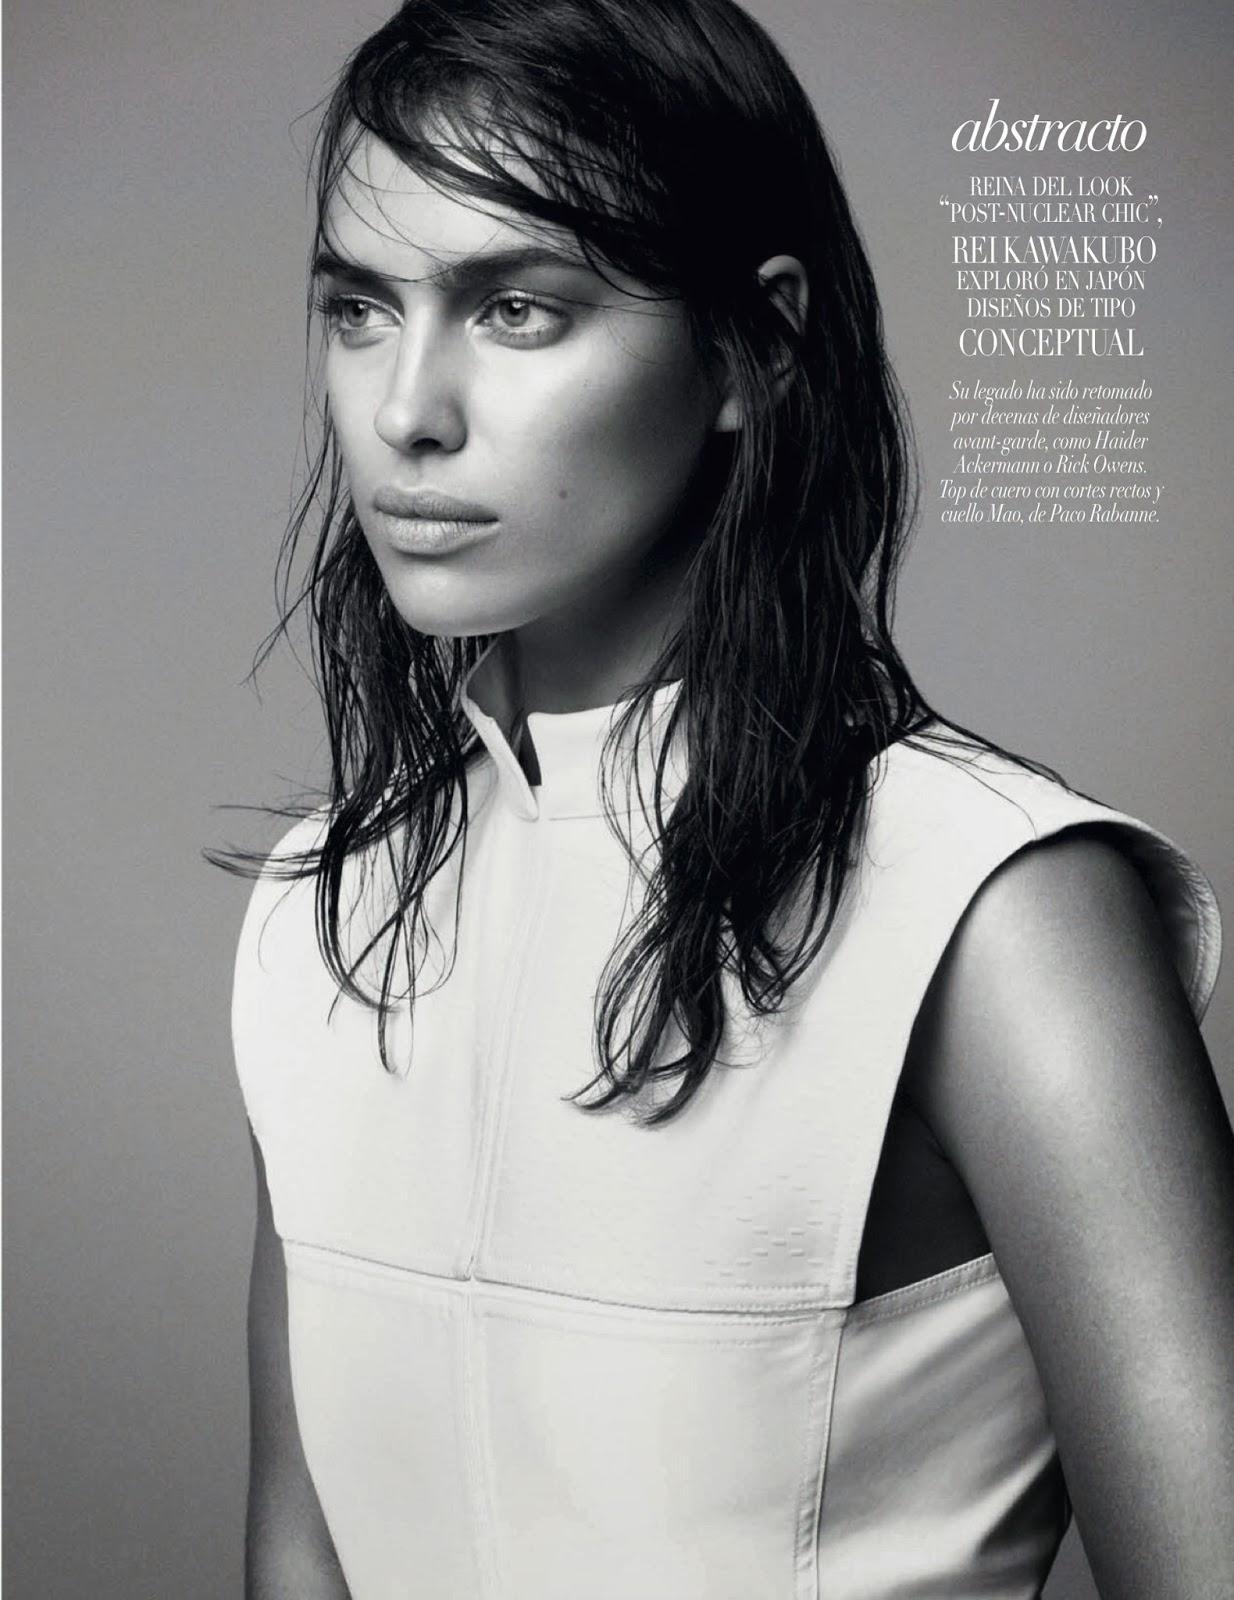 Irina Shayk Vogue Arabia Magazine Photoshoot Janeiro 2014